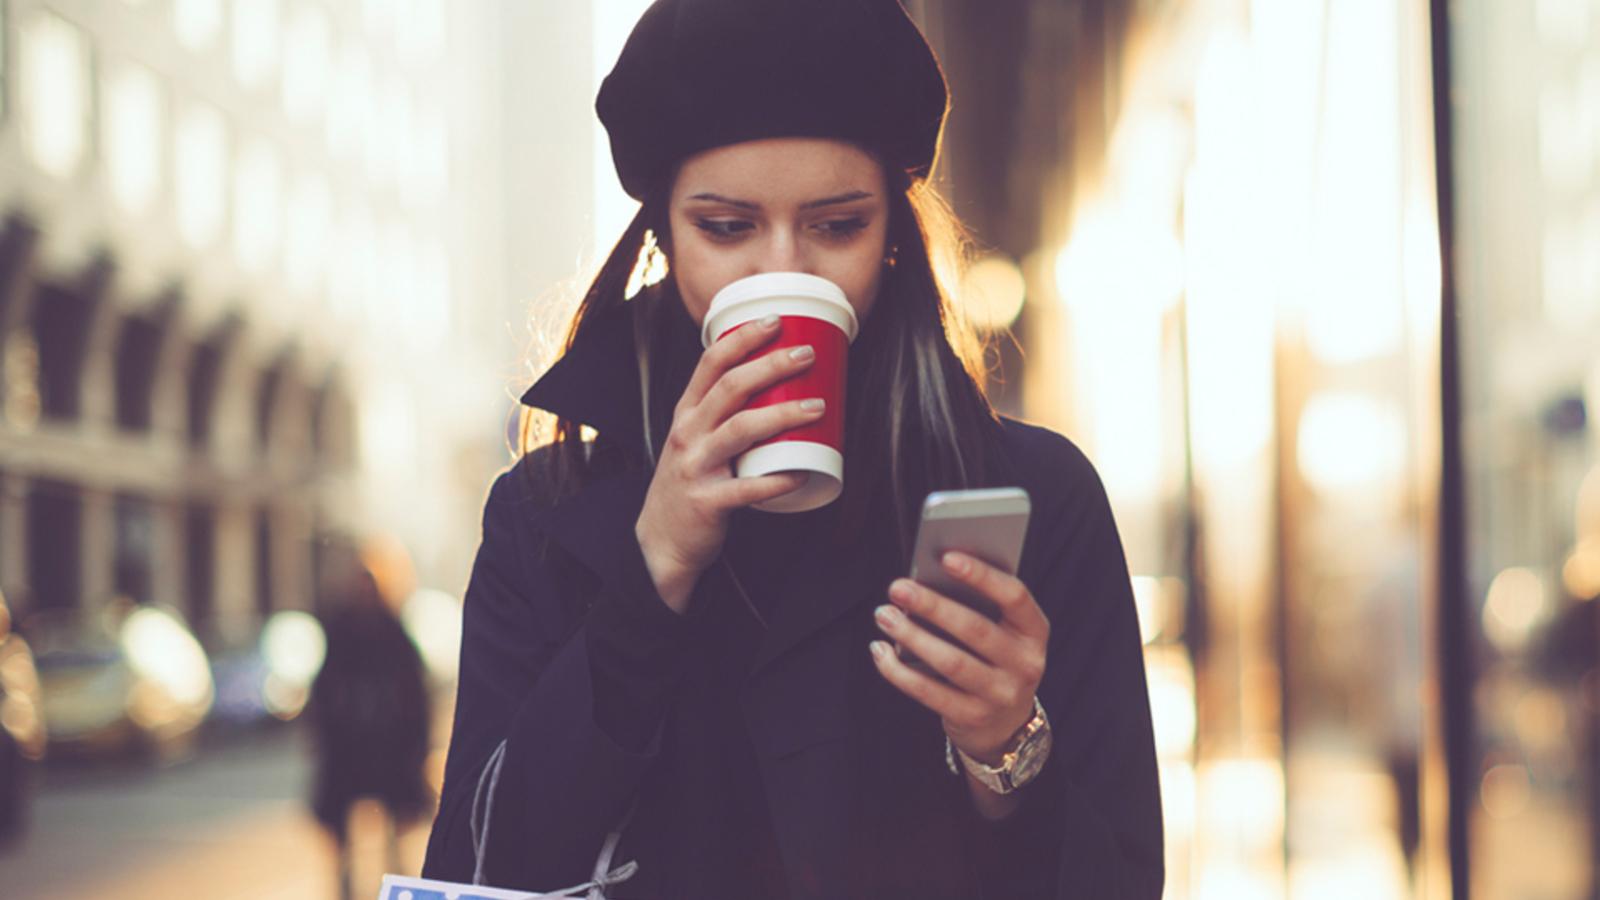 5 Dinge, die man auf Tinder vermeiden sollte